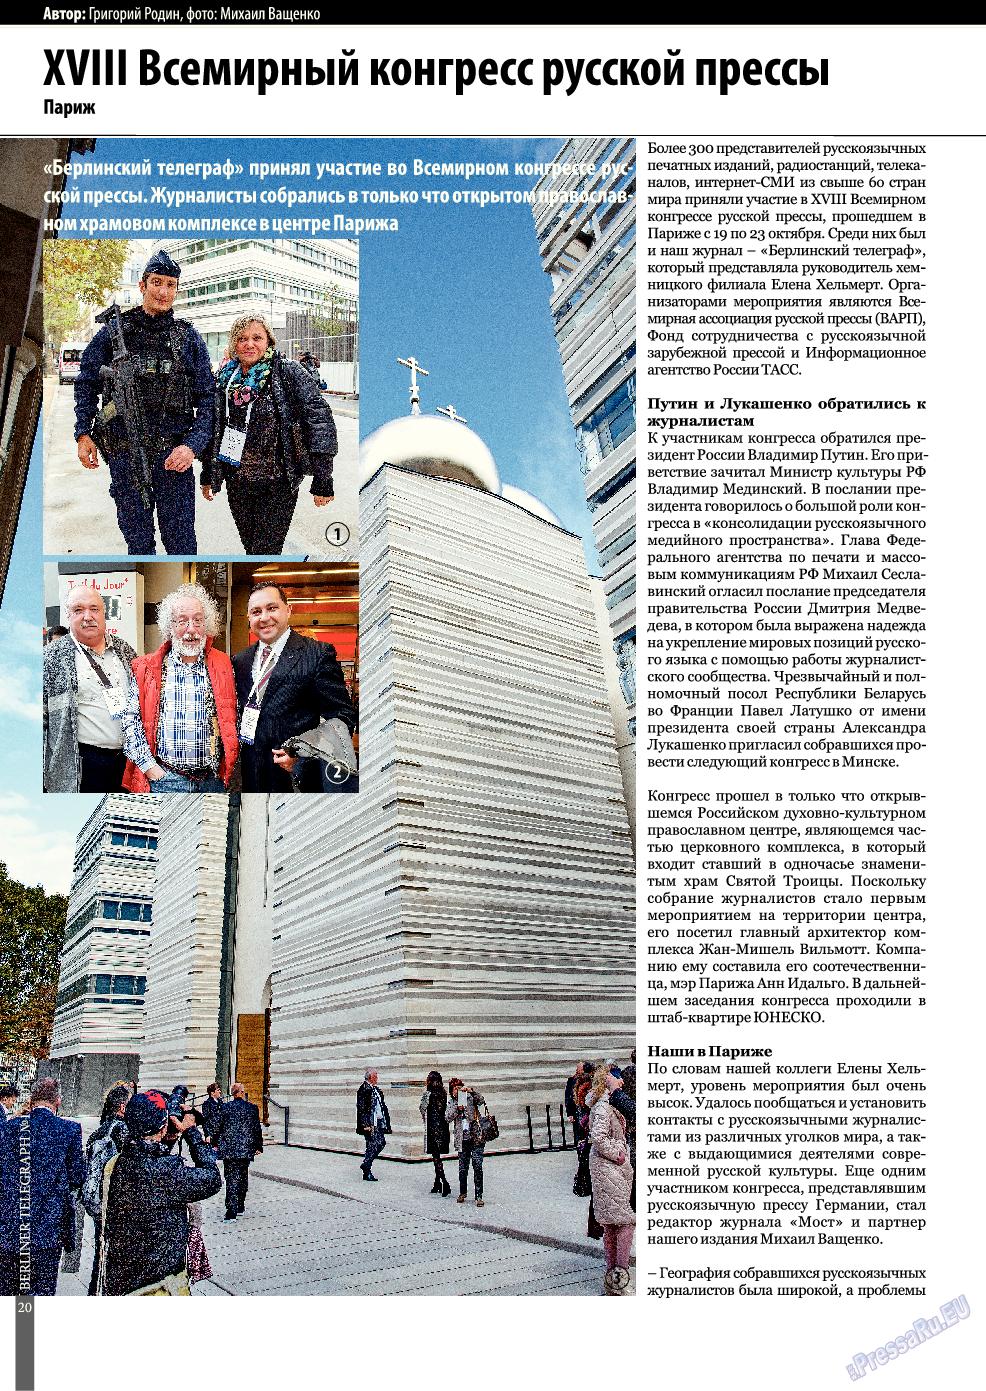 Берлинский телеграф (журнал). 2016 год, номер 17, стр. 20